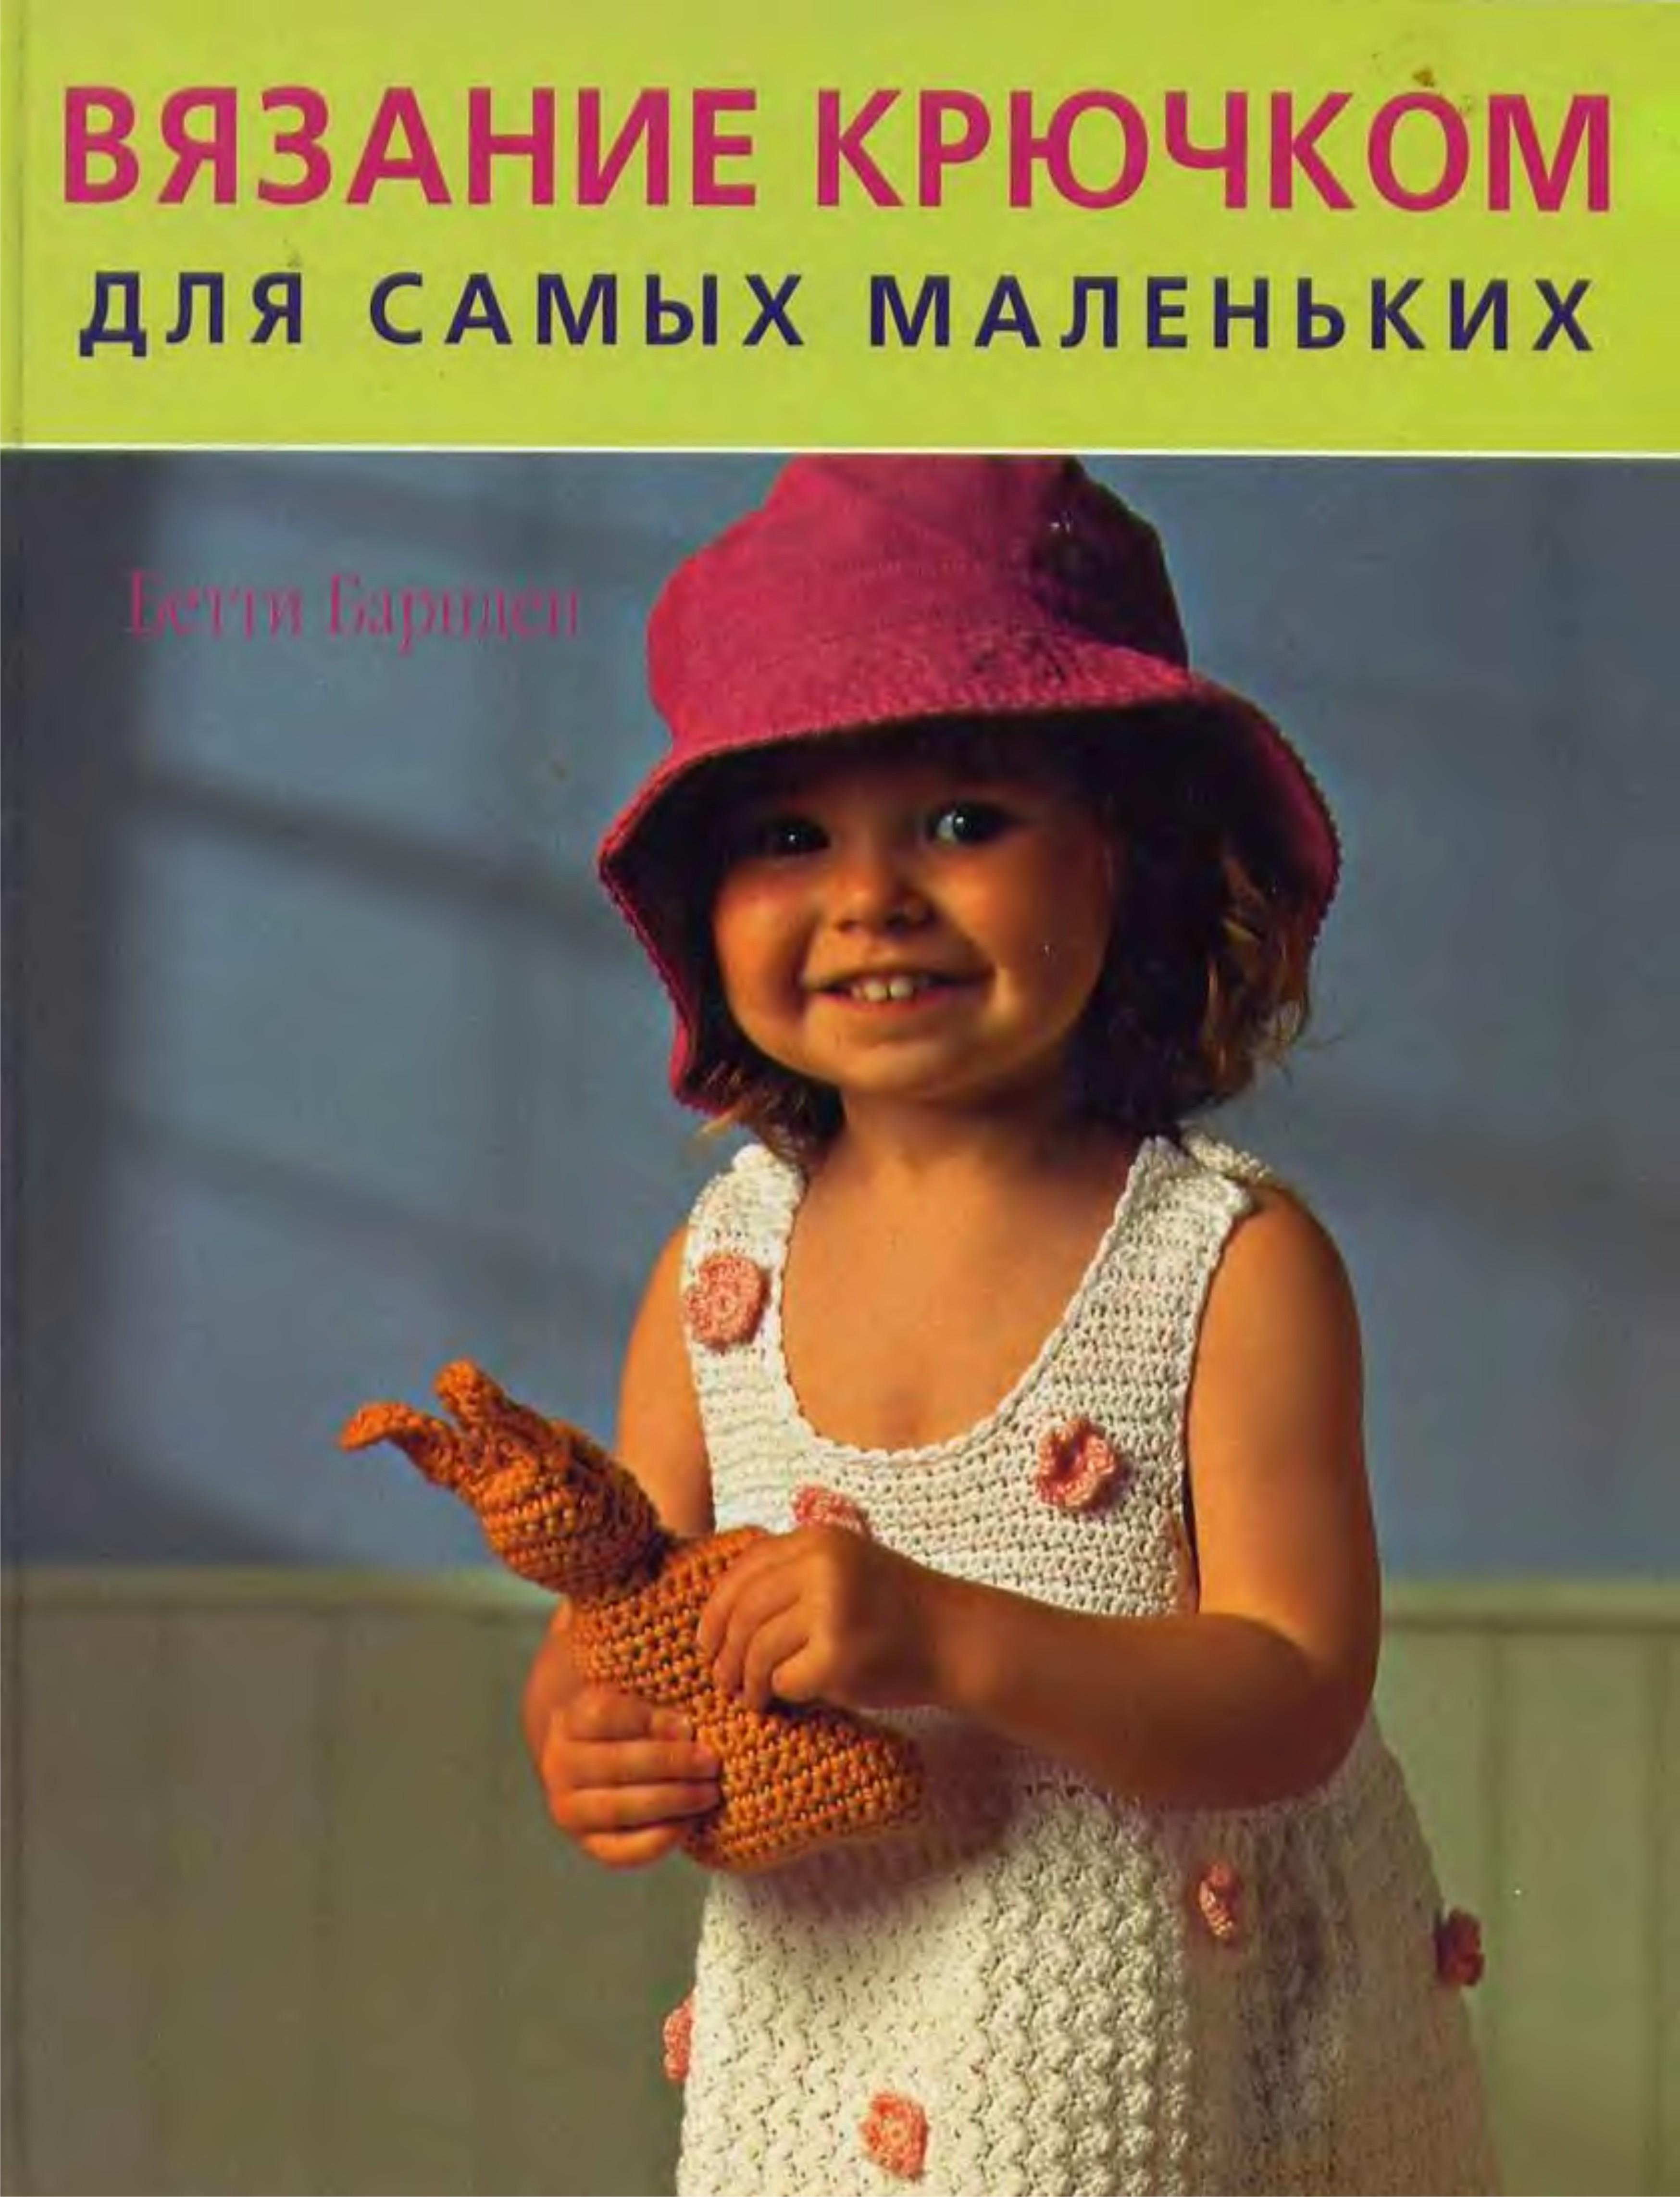 журналы по вязанию крючком для детей каталог журналов и книг